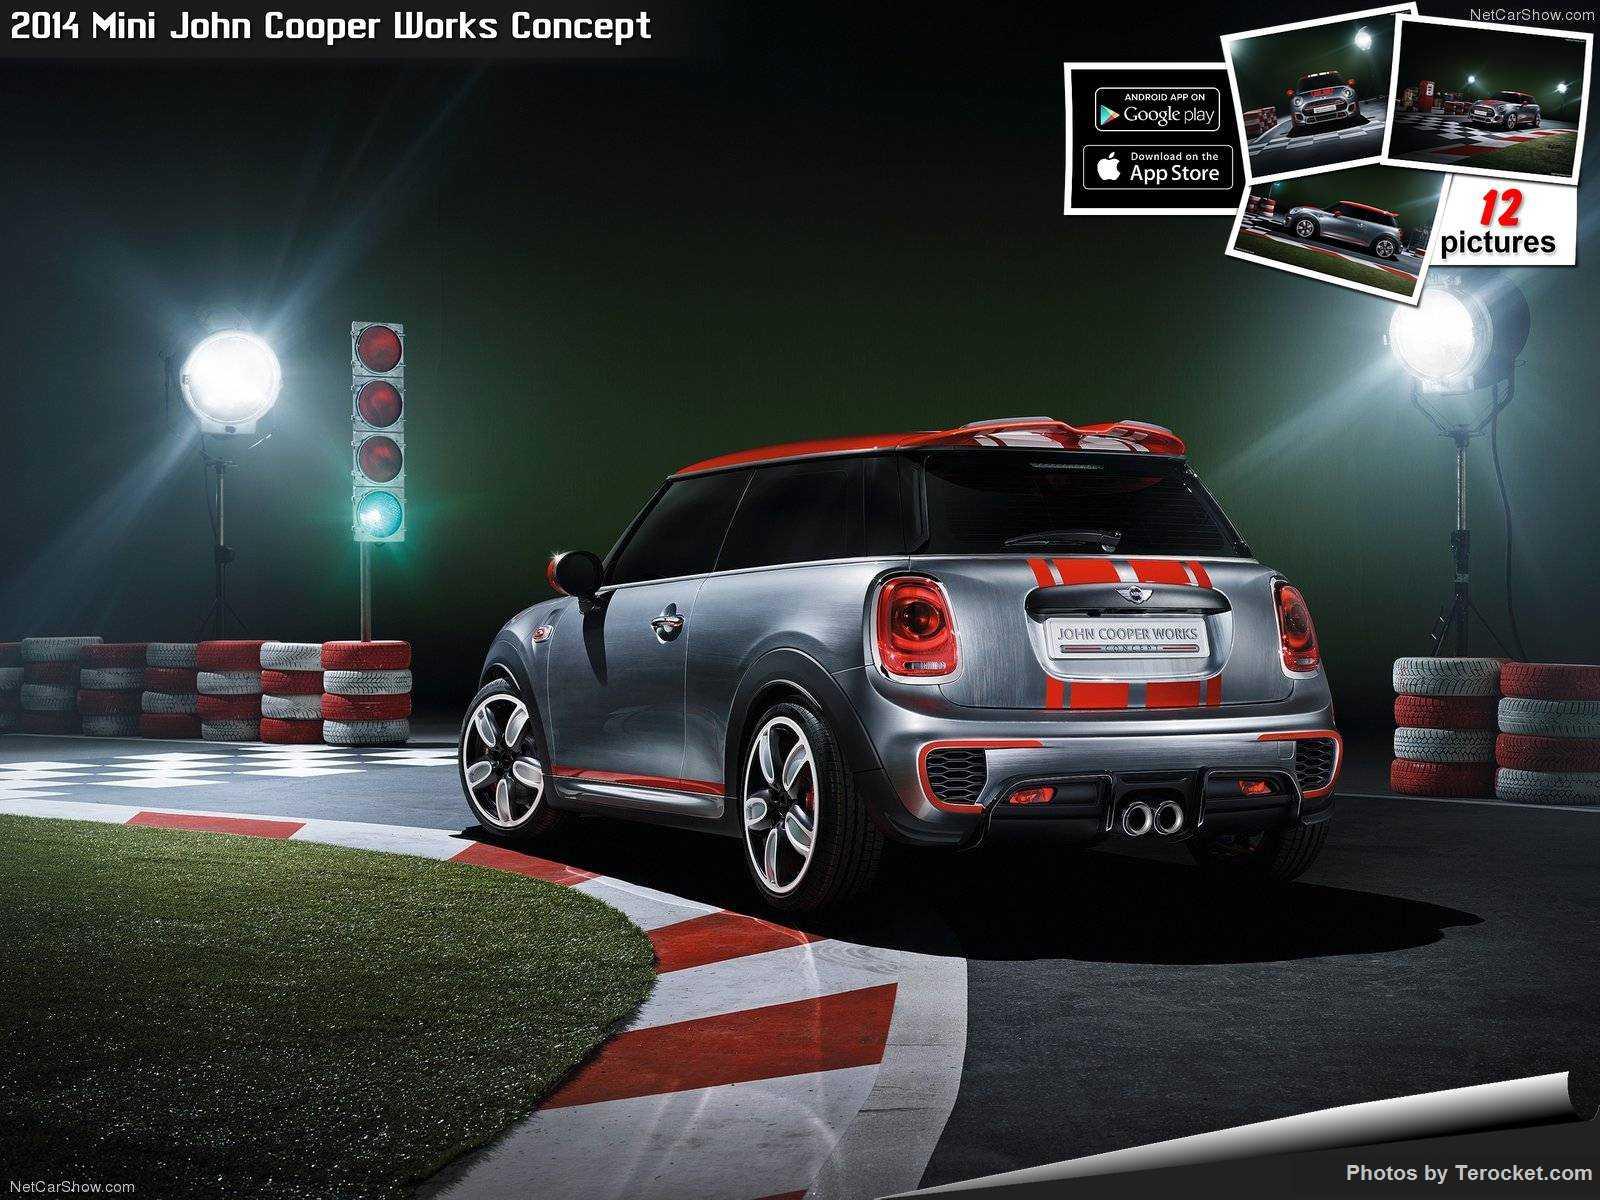 Hình ảnh xe ô tô Mini John Cooper Works Concept 2014 & nội ngoại thất